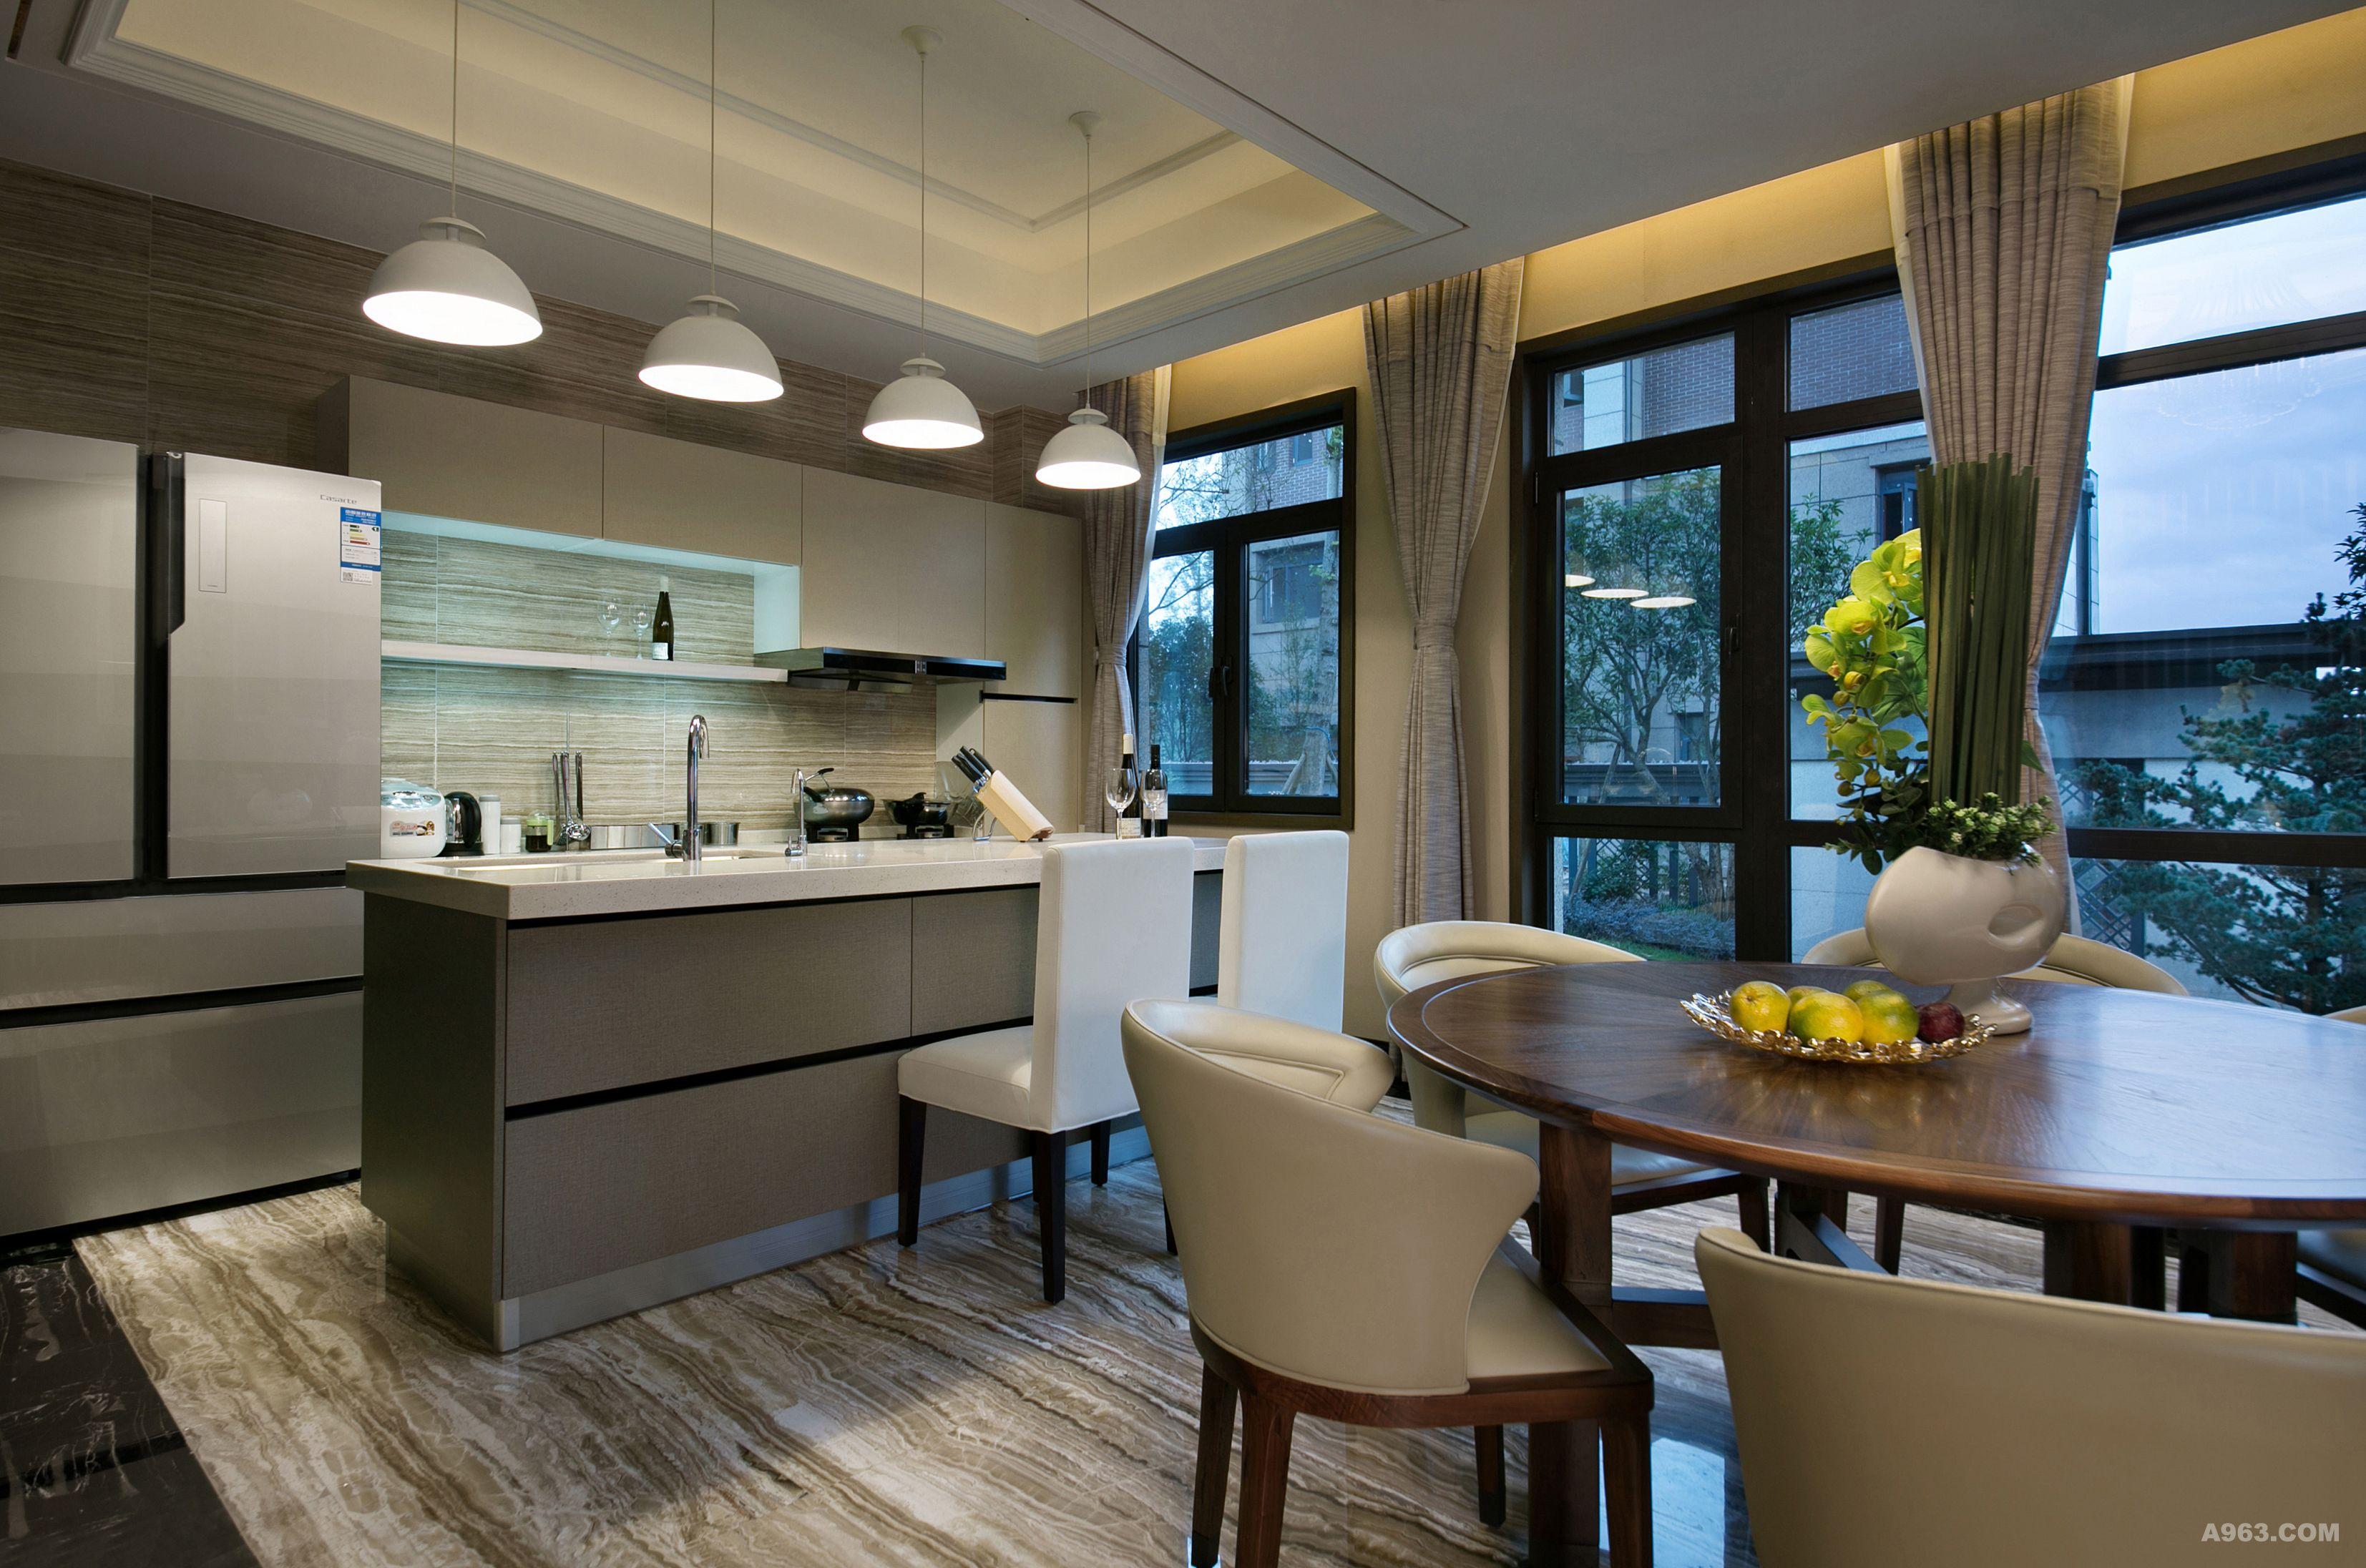 开放式厨房与餐厅空间相互衬托,通过简洁的岛柜将两者的功能有机结合